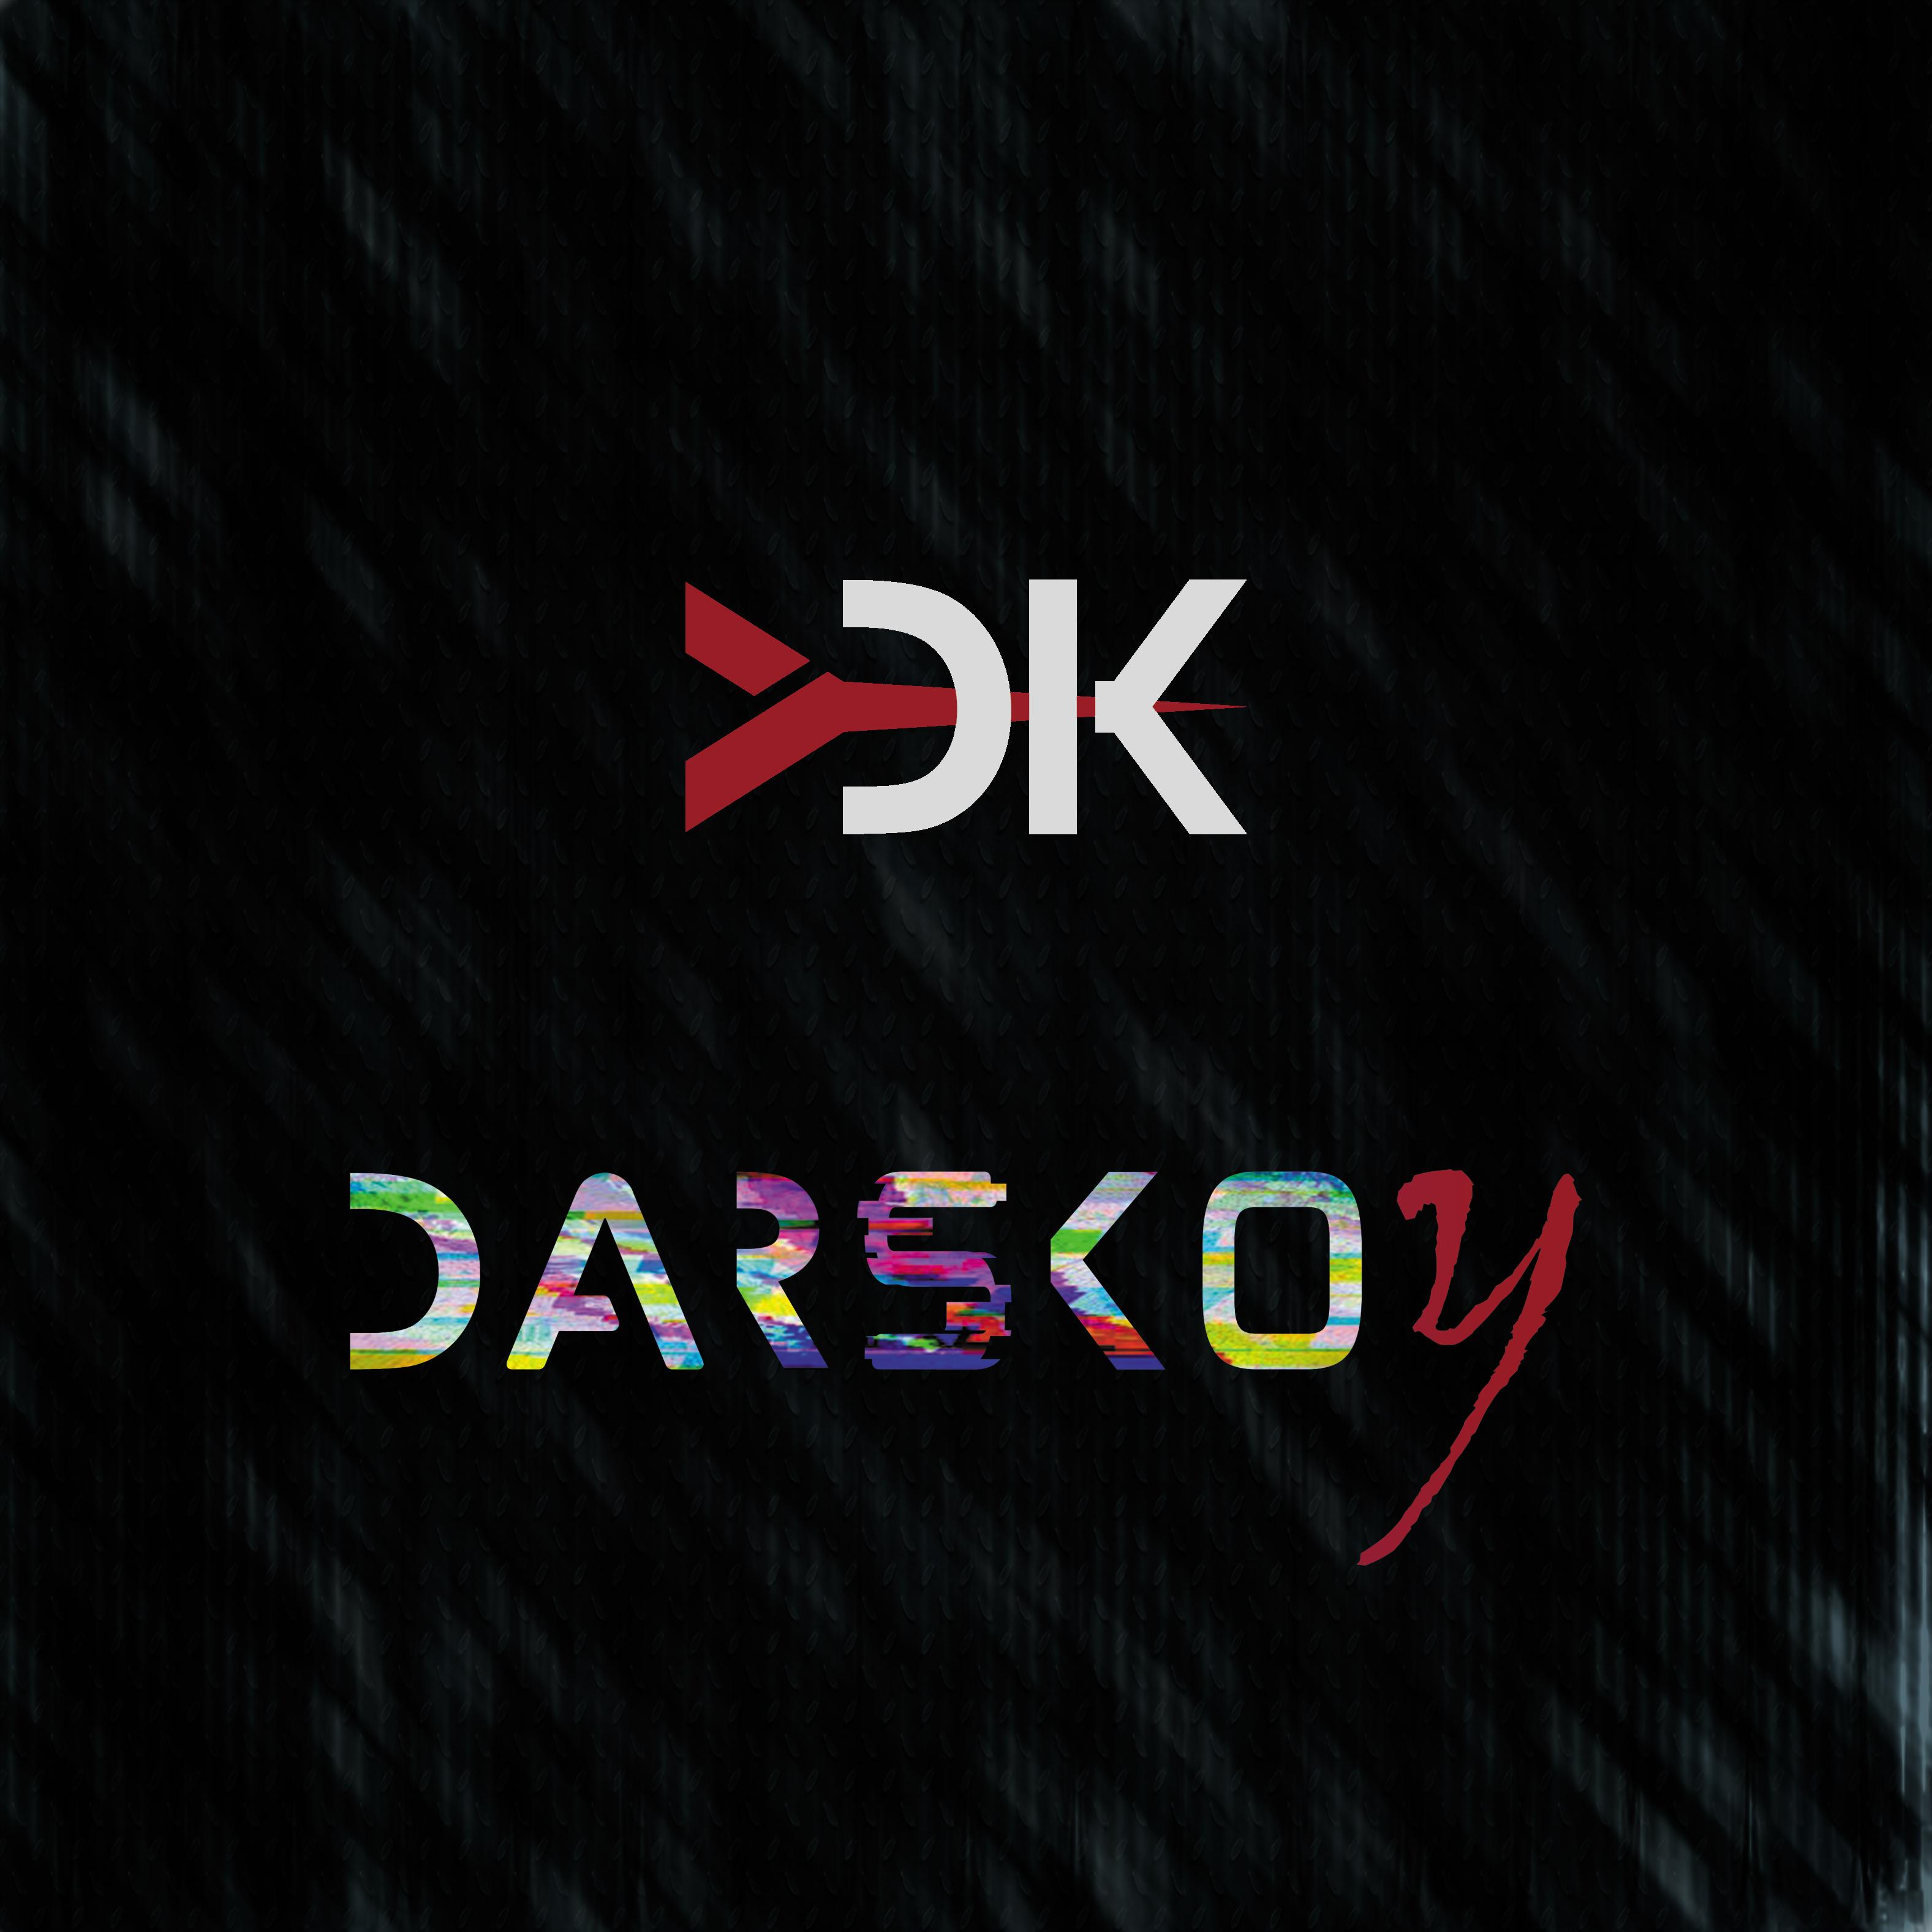 Нарисовать логотип для сольного музыкального проекта фото f_9695ba77fc286a69.jpg